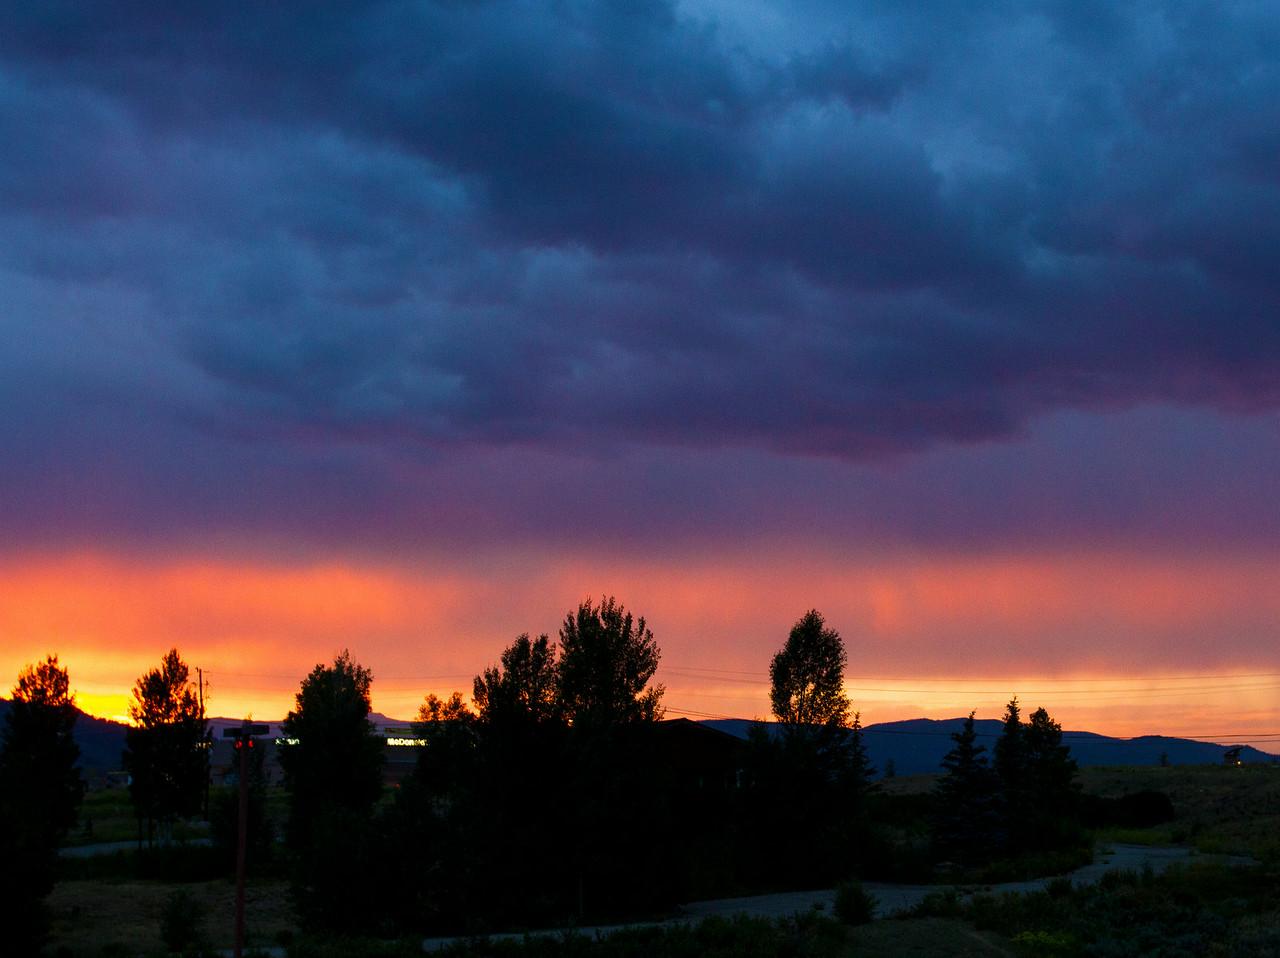 Sunset - July 26, 2014